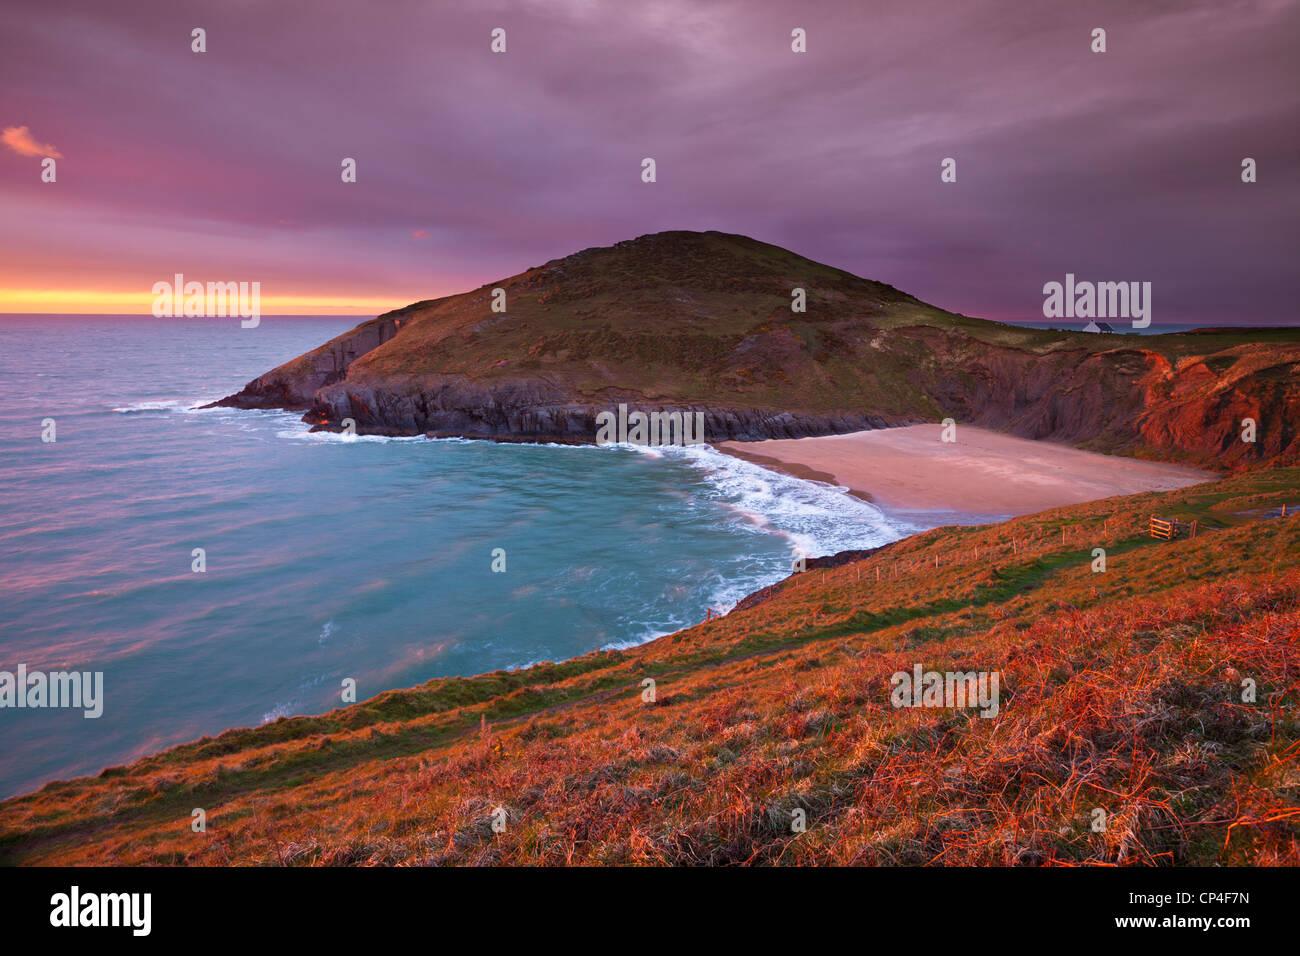 Sunset Mwnt beach and headland Cardigan bay Ceredigion coast Cardiganshire Wales UK GB EU Europe Stock Photo